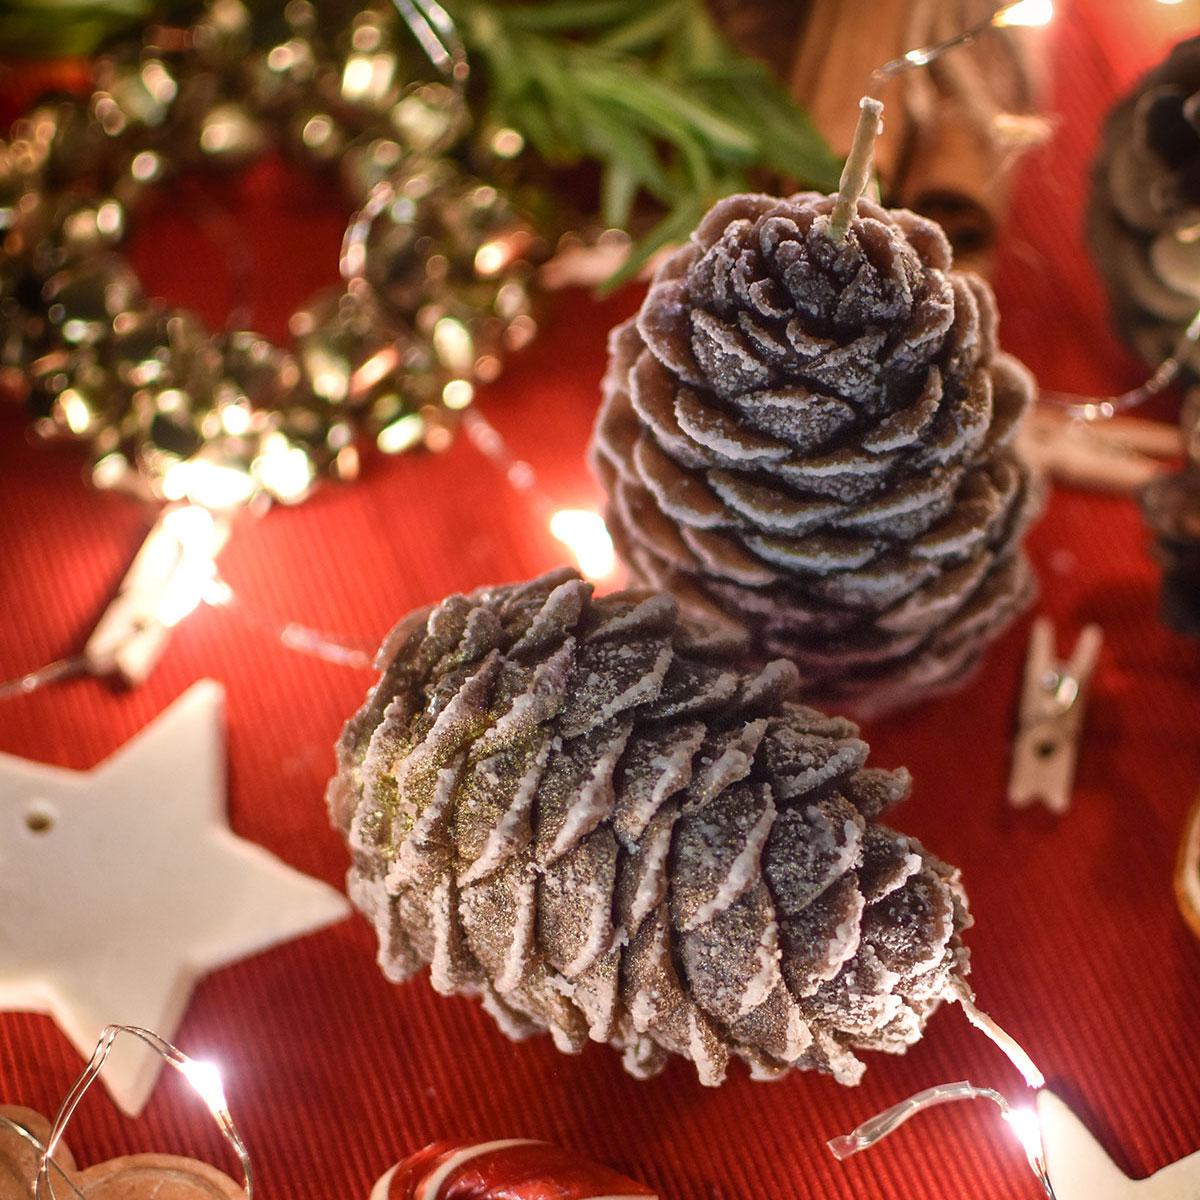 картинка Подарочный набор Новогодний темный - DishWishes.Ru